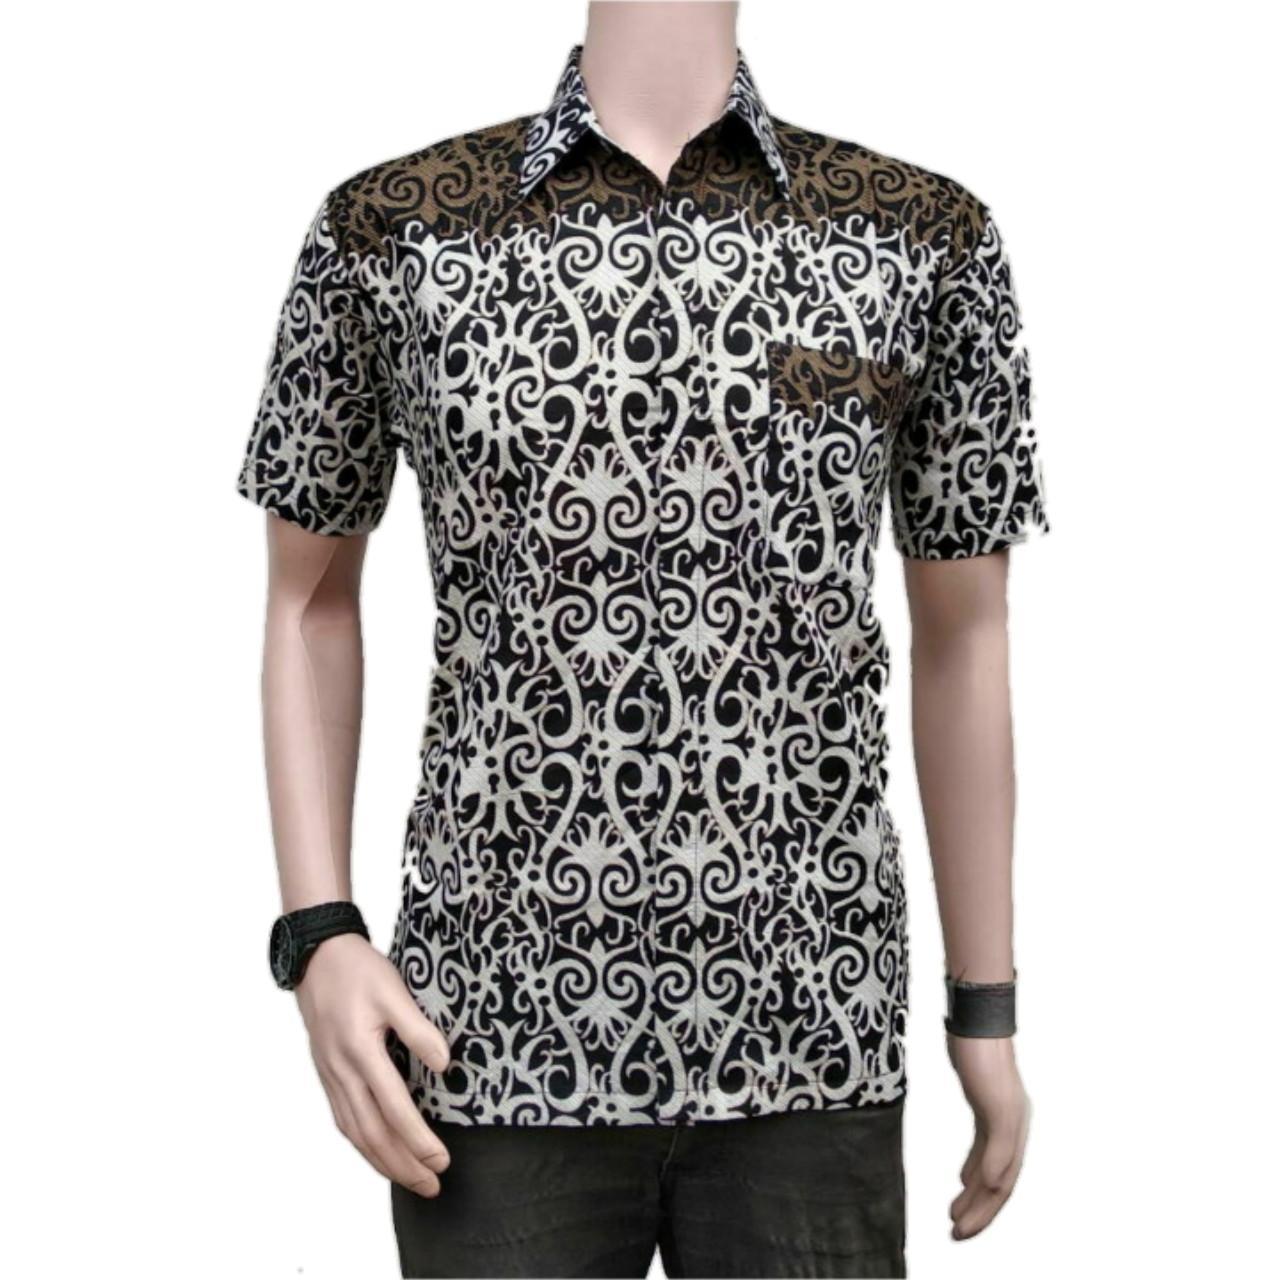 Baju Batik Pria Kemeja Batik Pekalongan Murah Lengan Pendek Motif Asmat Adem New Modern Seragam Pesta Resespsi Kantor Dinas Keren Batikpanjikhamim.store